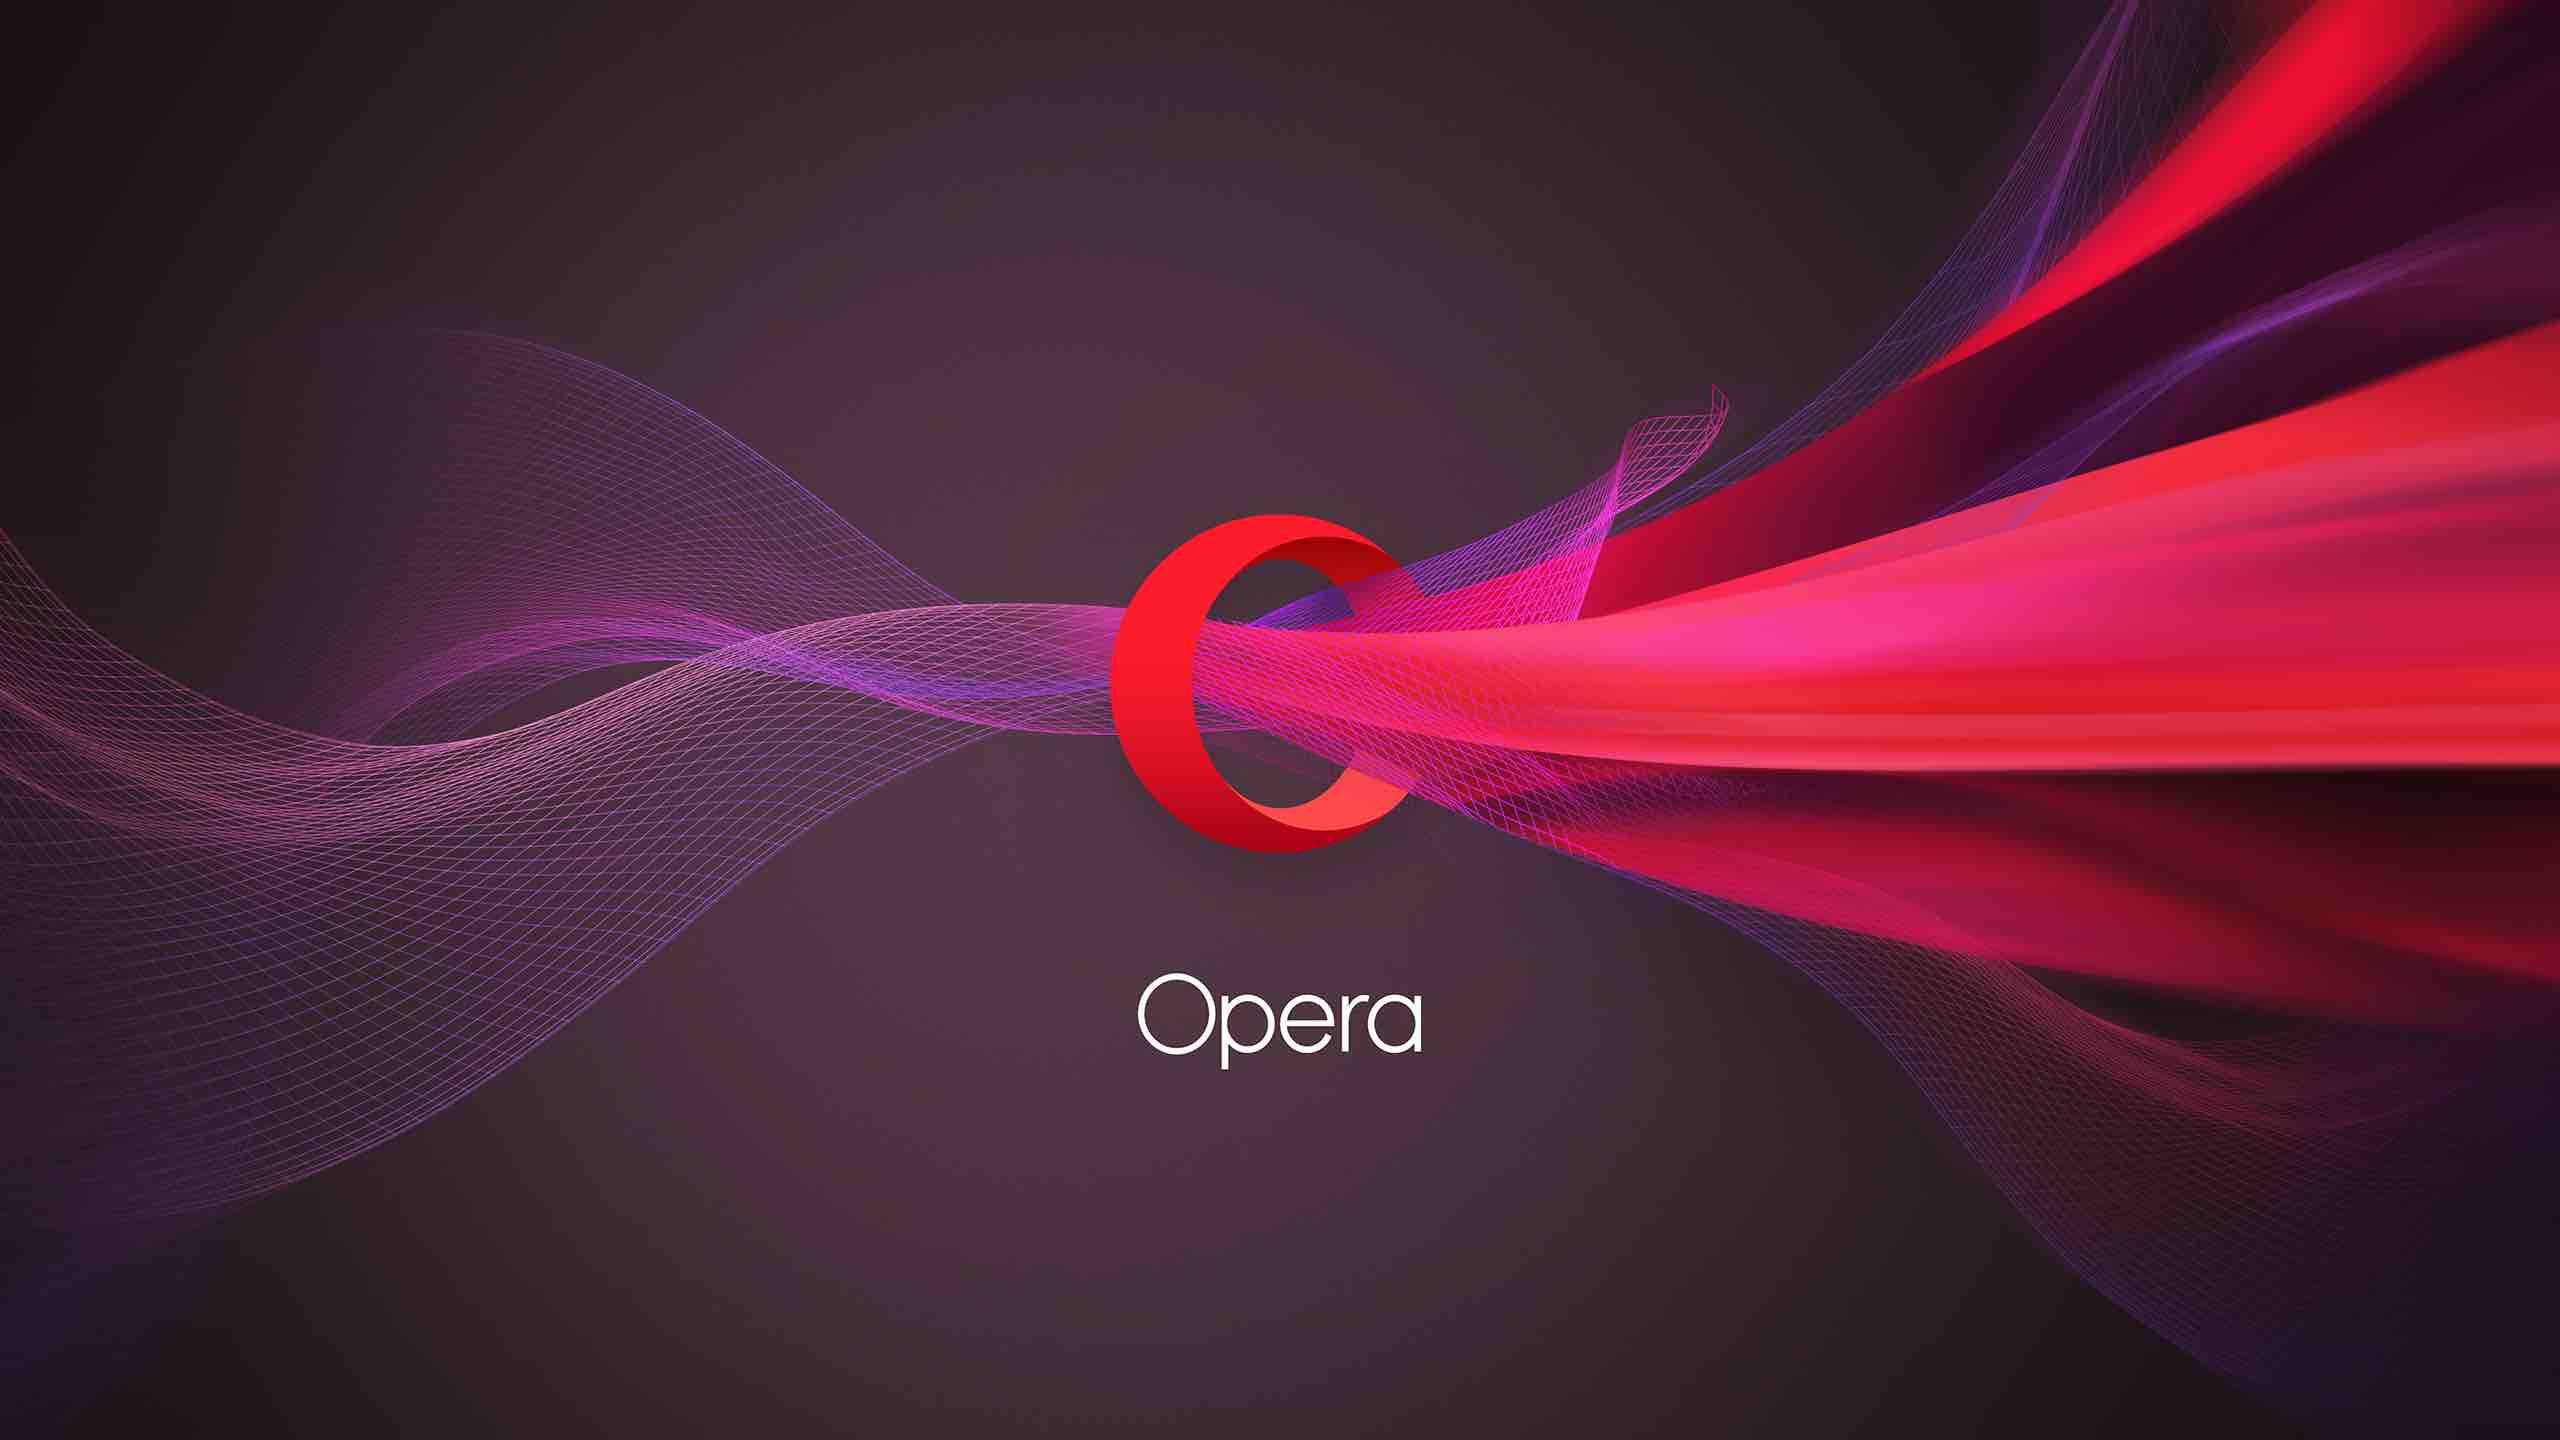 Opera w końcu z darmowym VPN na Androida 23